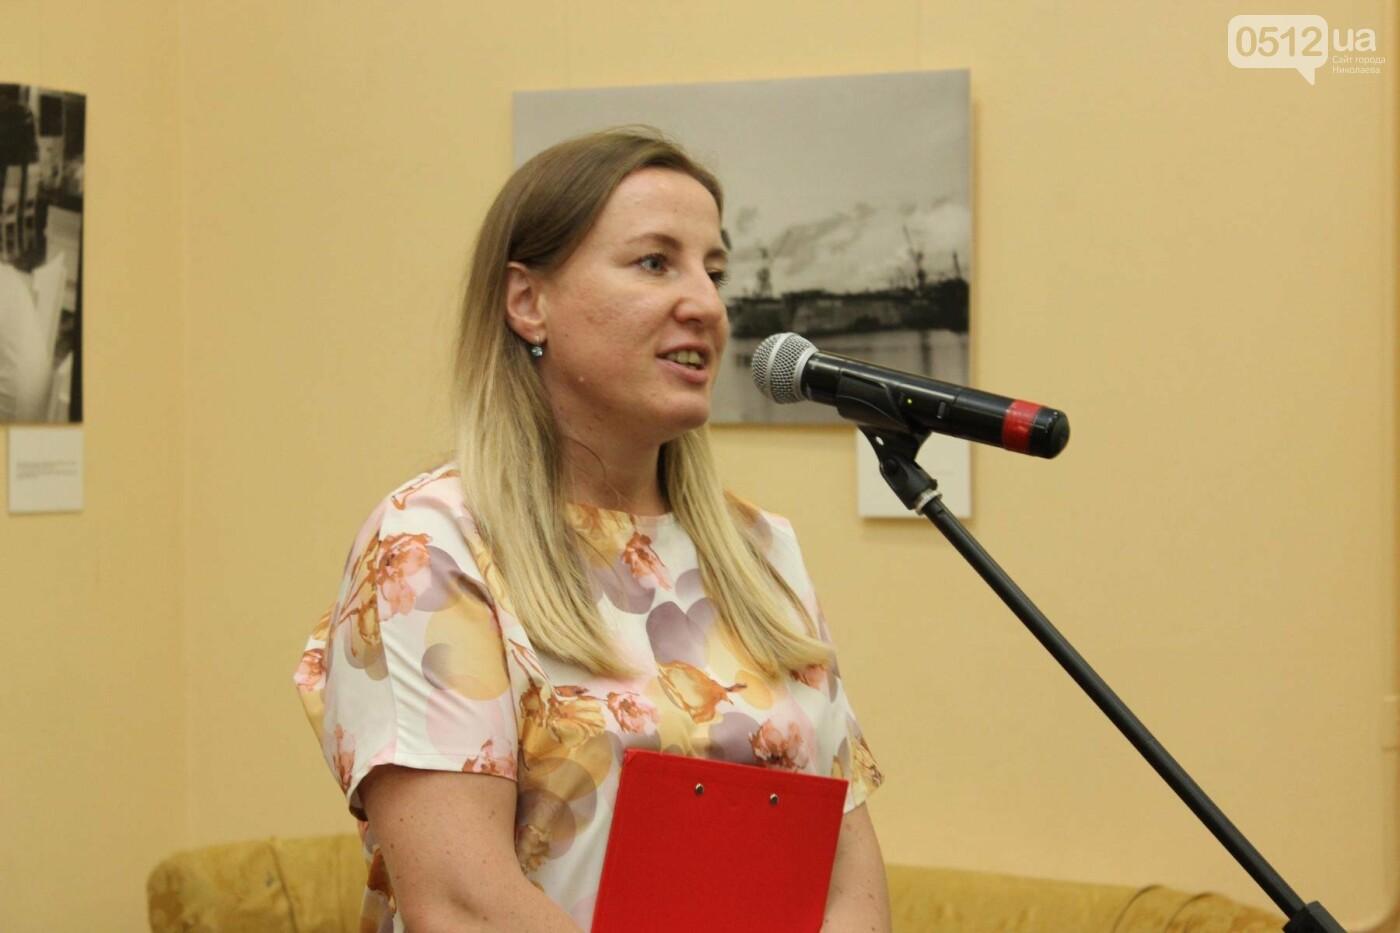 В Николаеве прошла фото-выставка людей, которые борются за жизнь, - ФОТО, фото-1